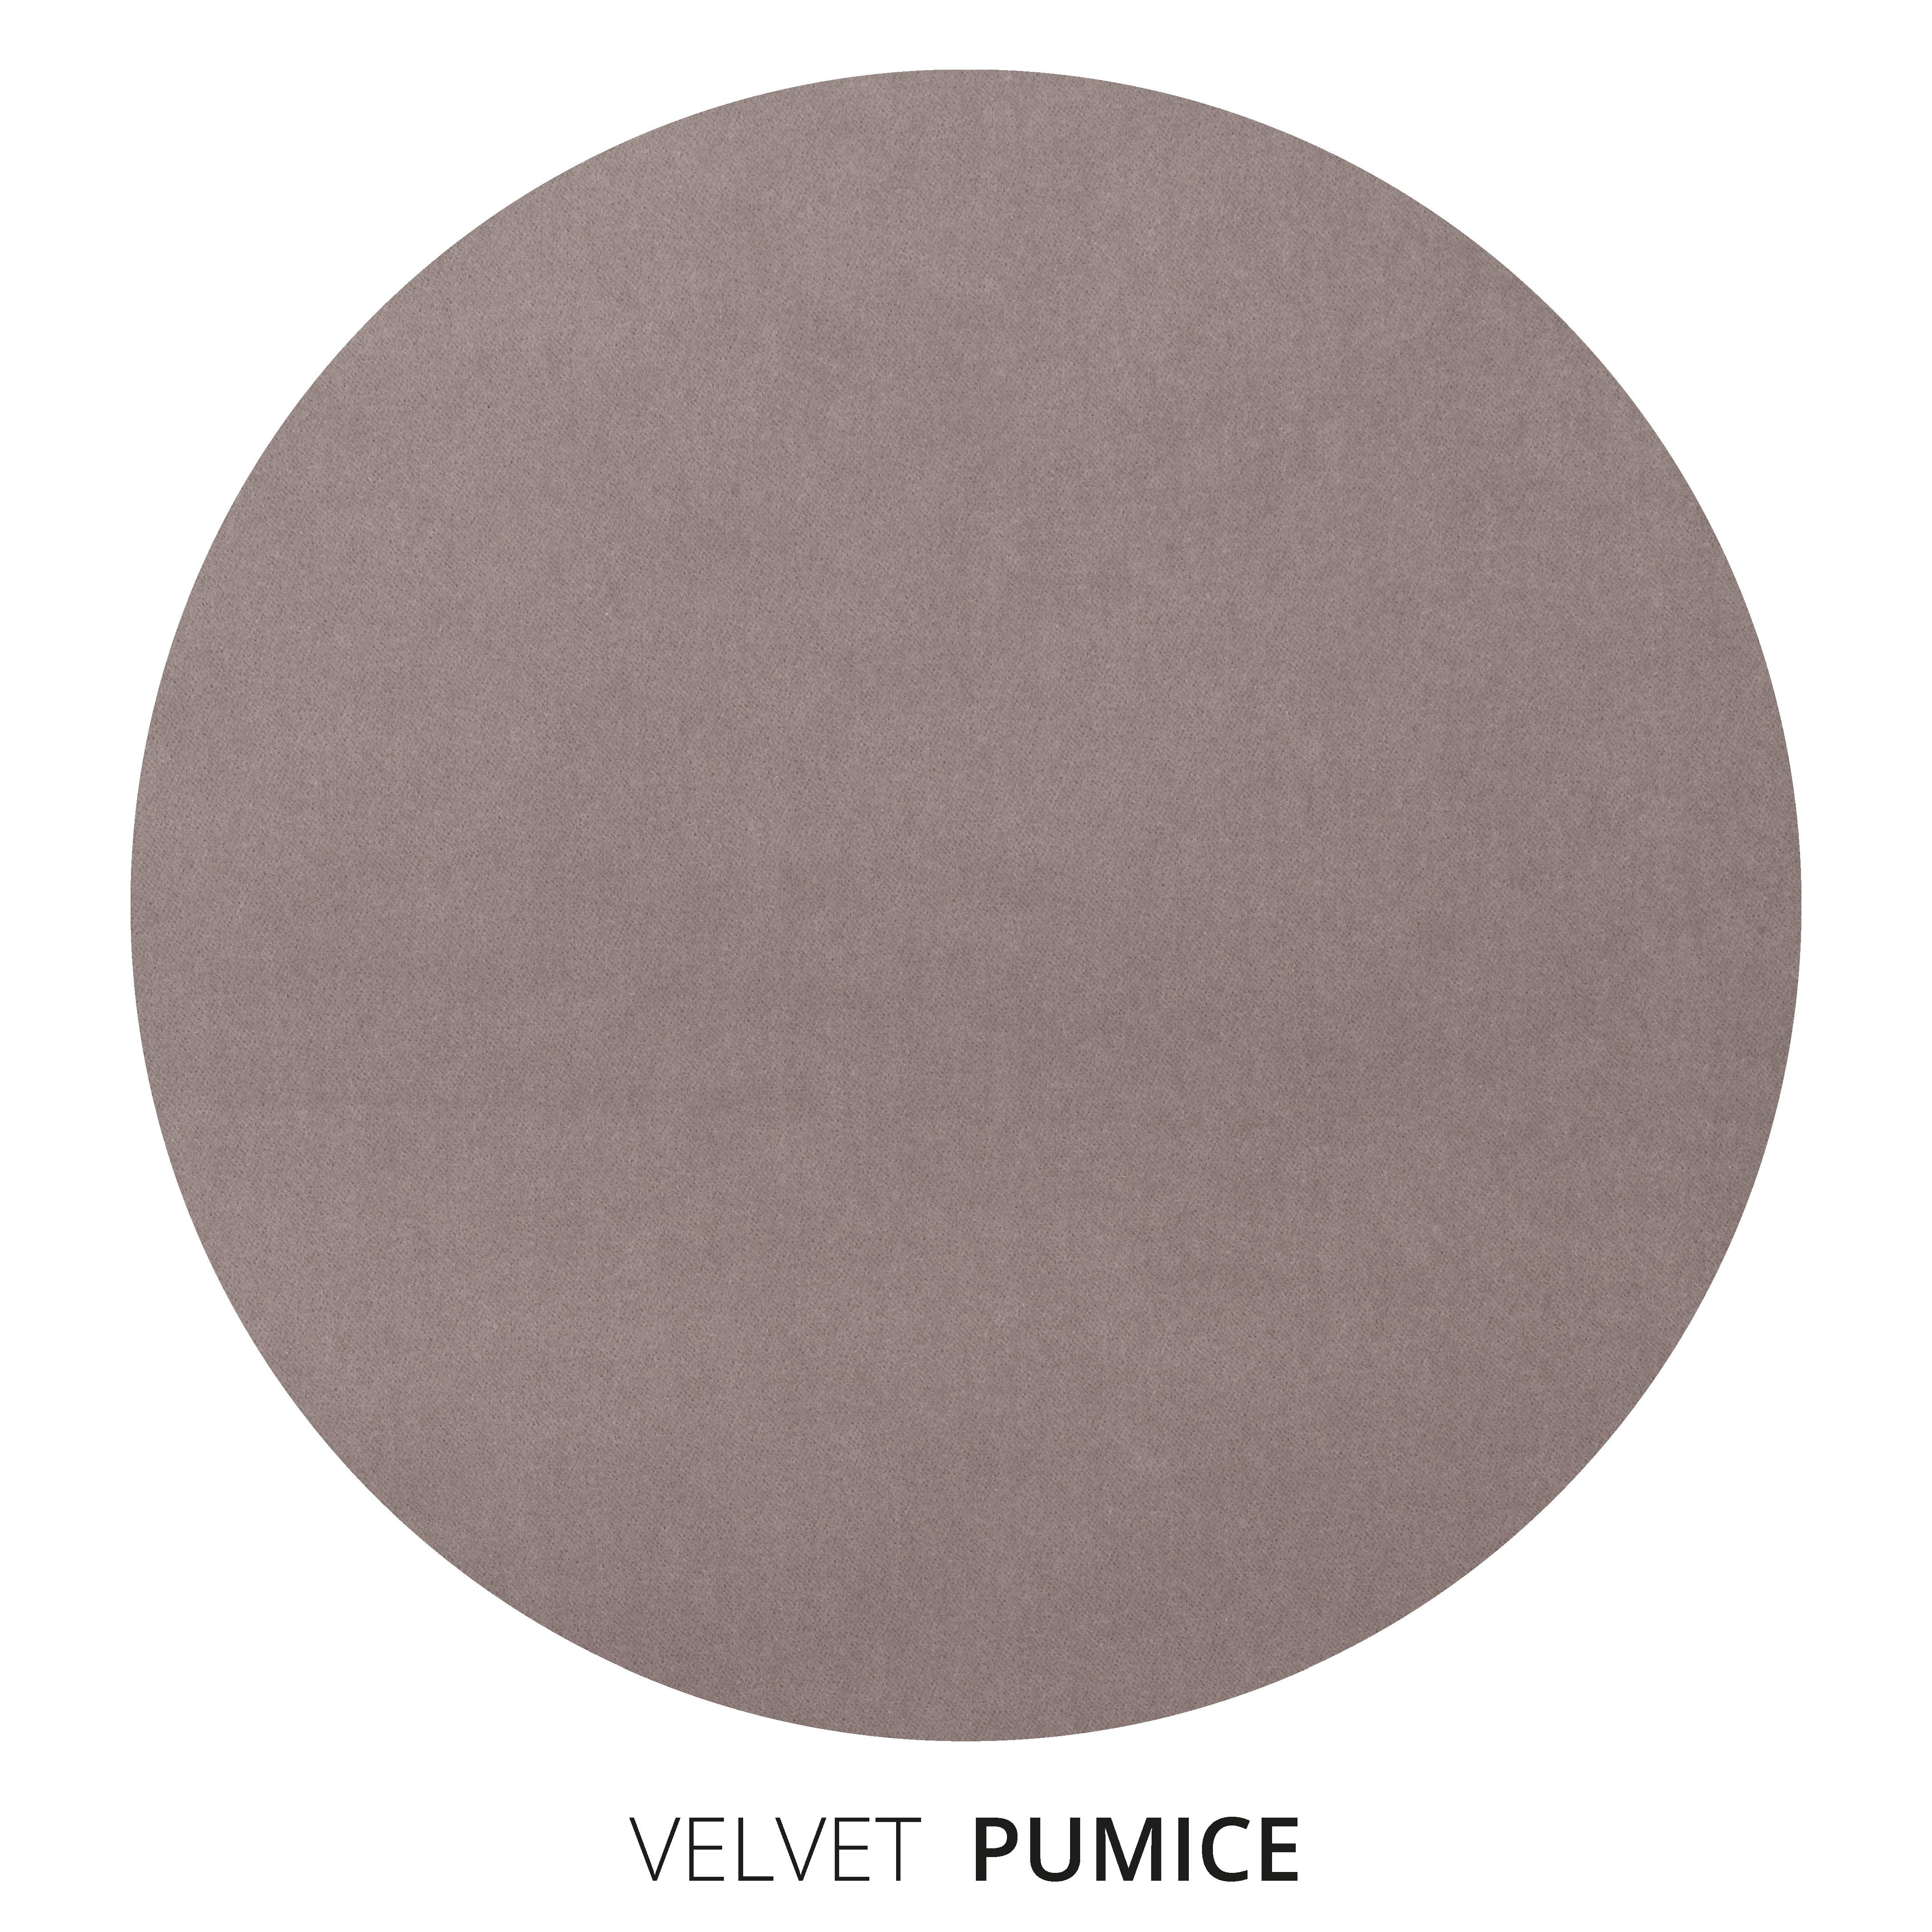 Pumice Velvet Swatch